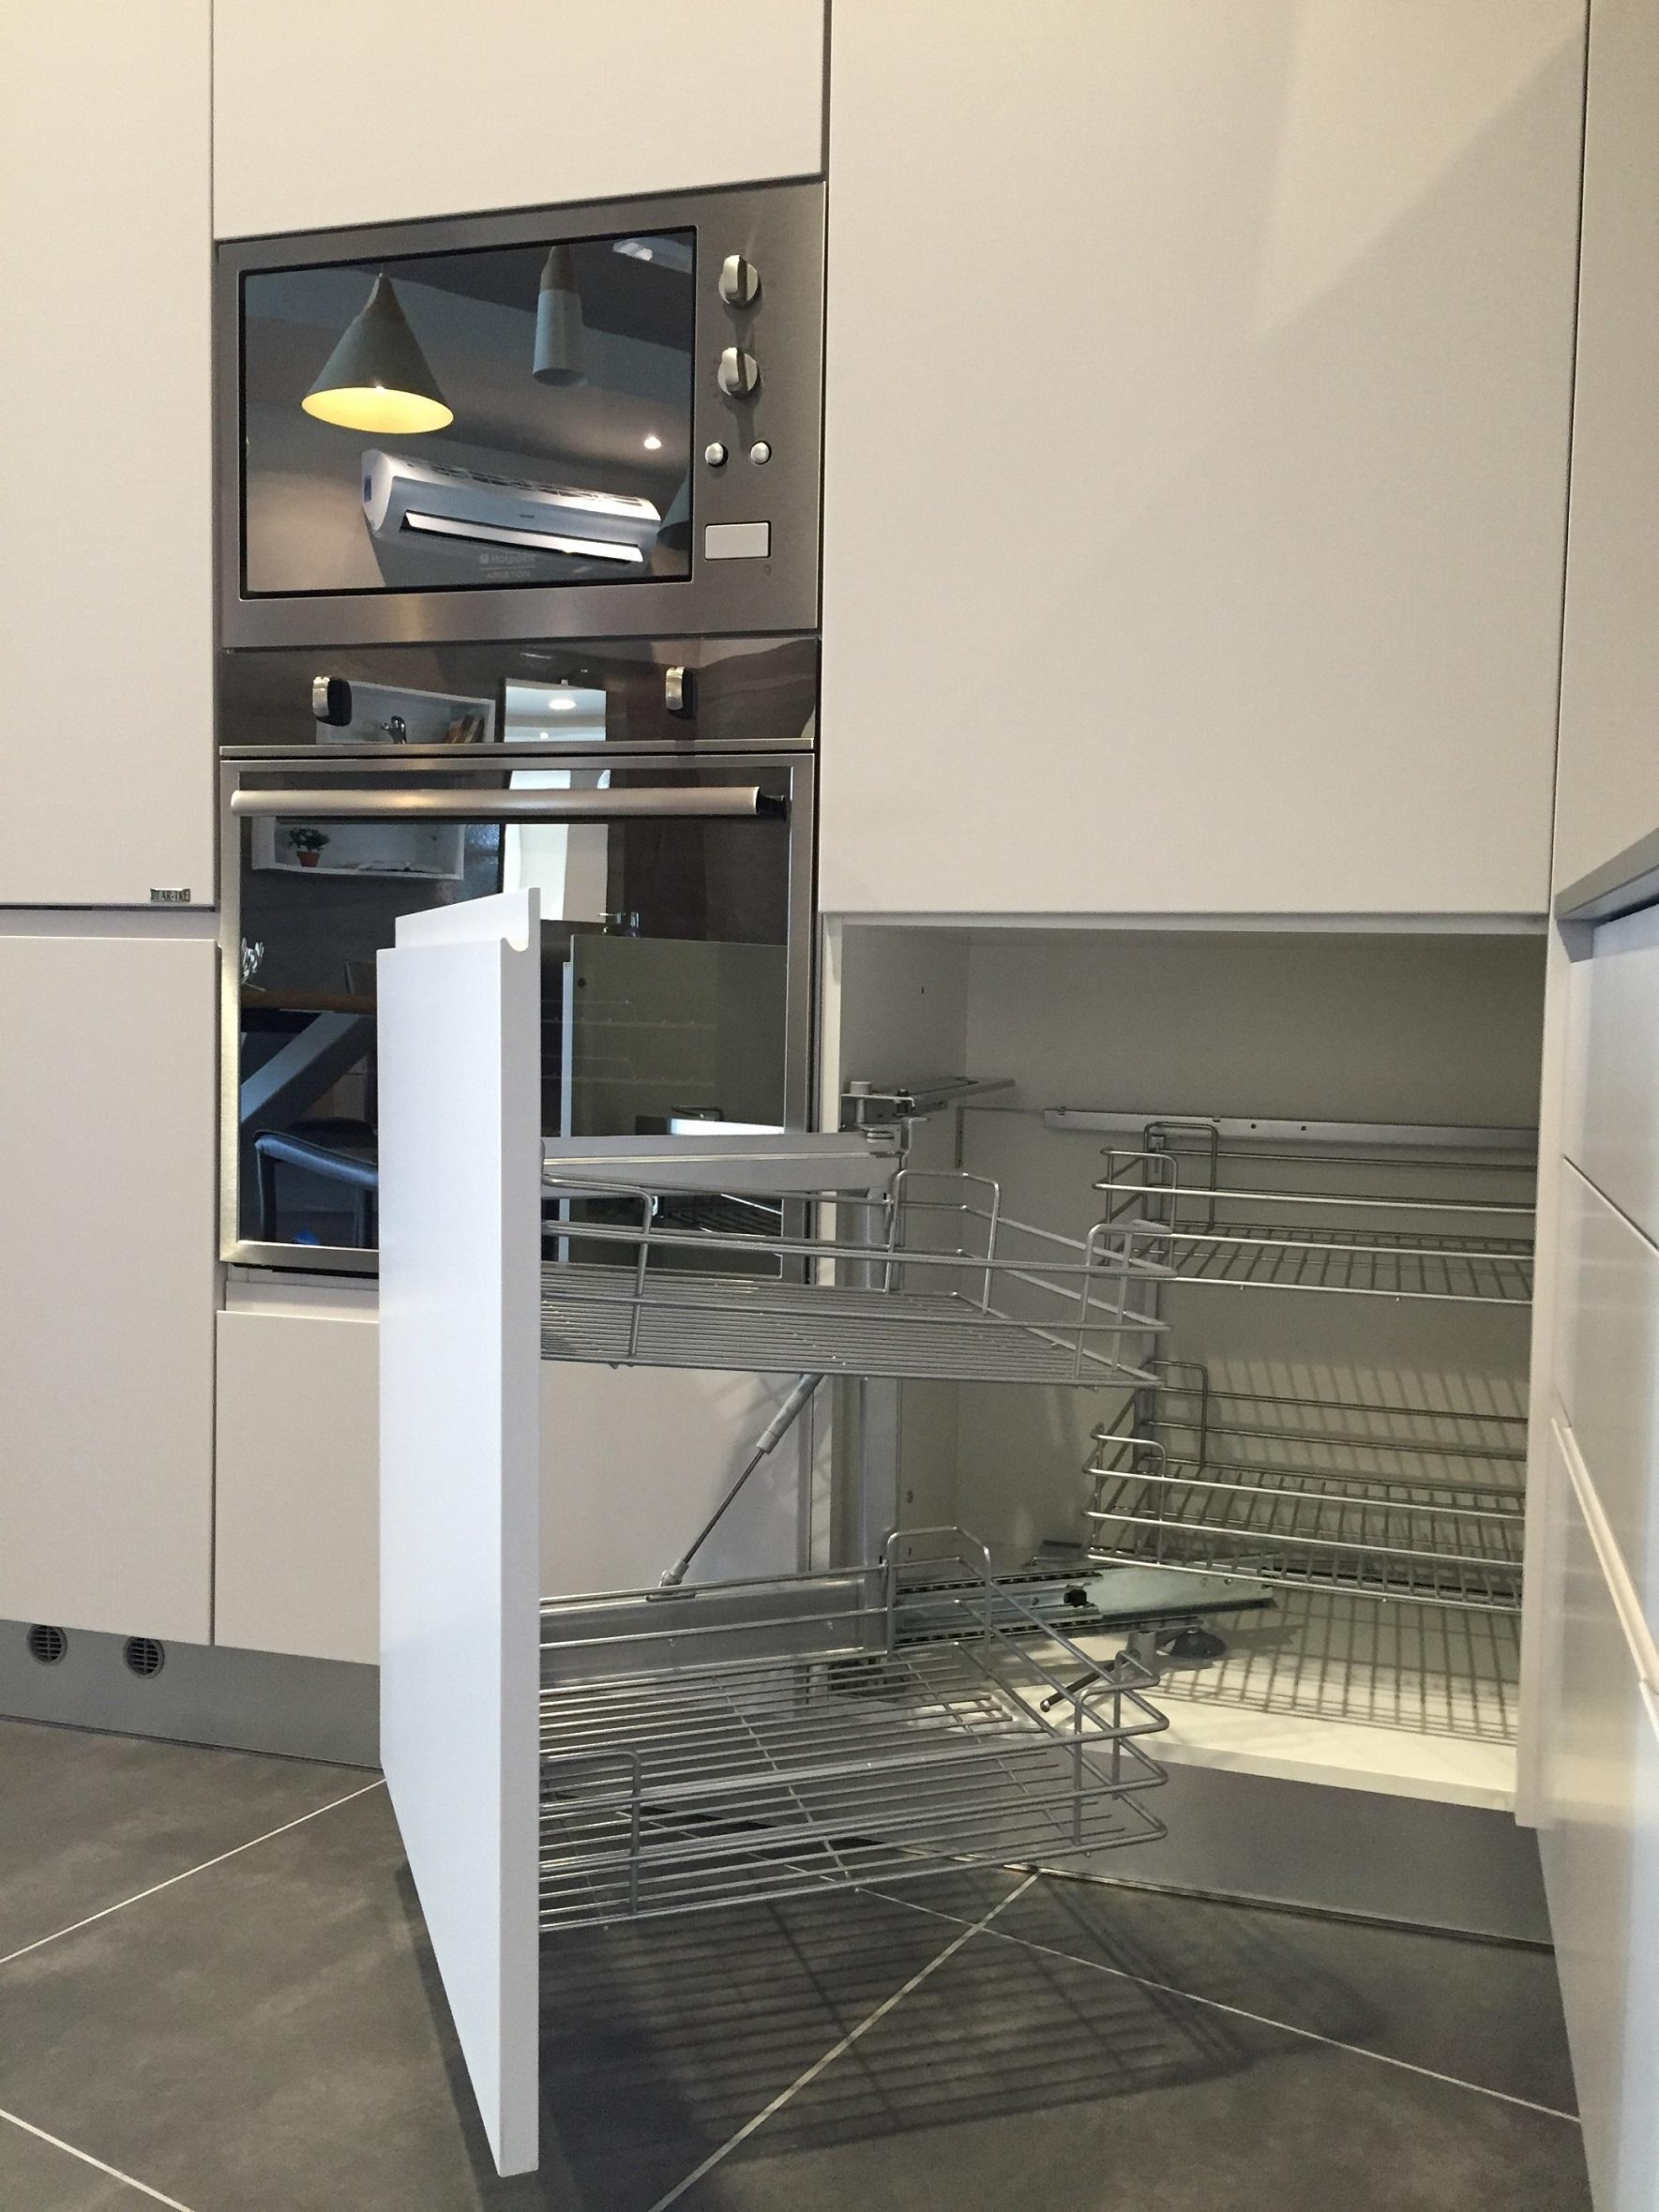 Artre cucina flo moderna laccato opaco cucine a prezzi for Cucina angolare moderna prezzi